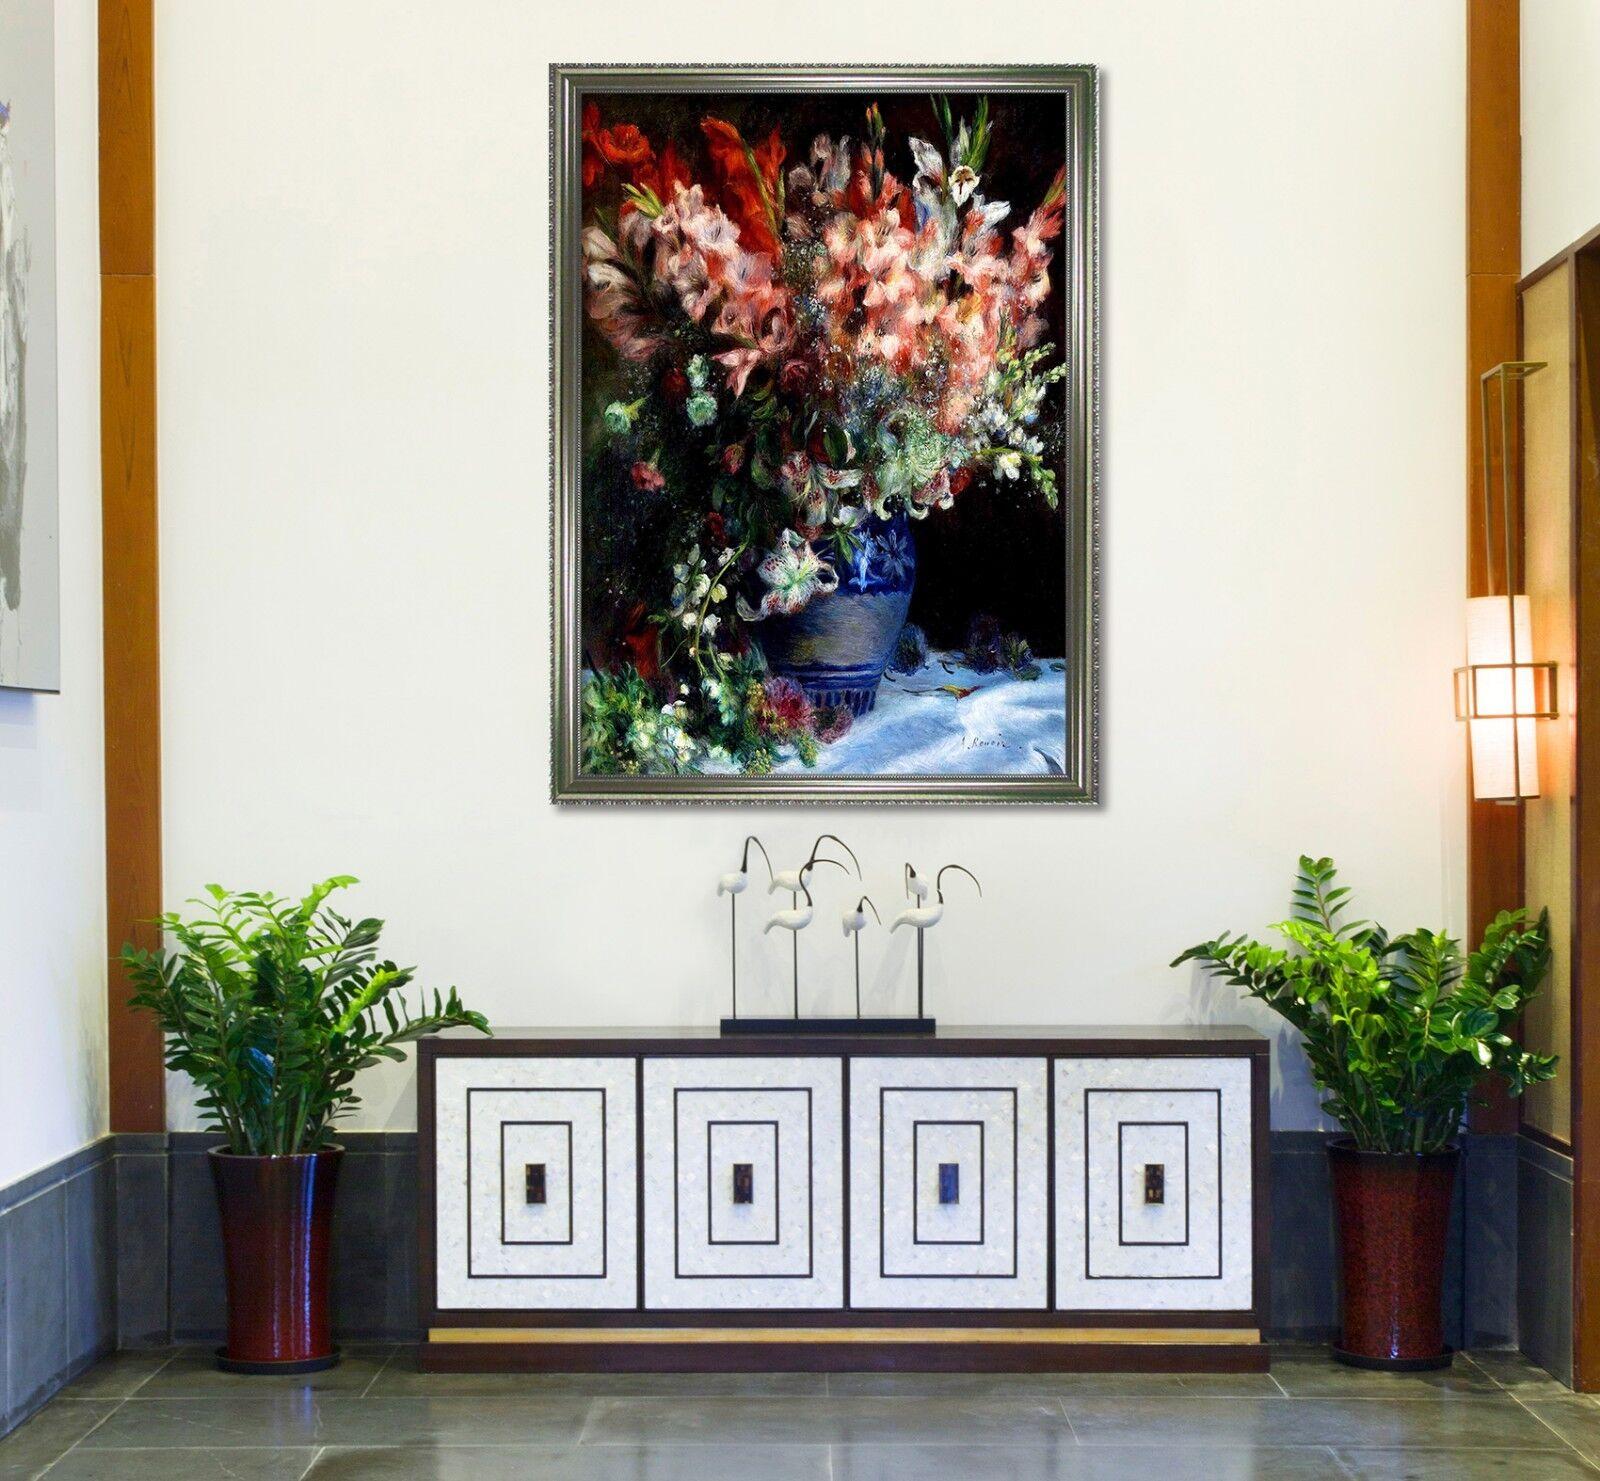 3D Flowers Vase Paint 3 Framed Poster Home Decor Print Painting Art AJ WALLPAPER